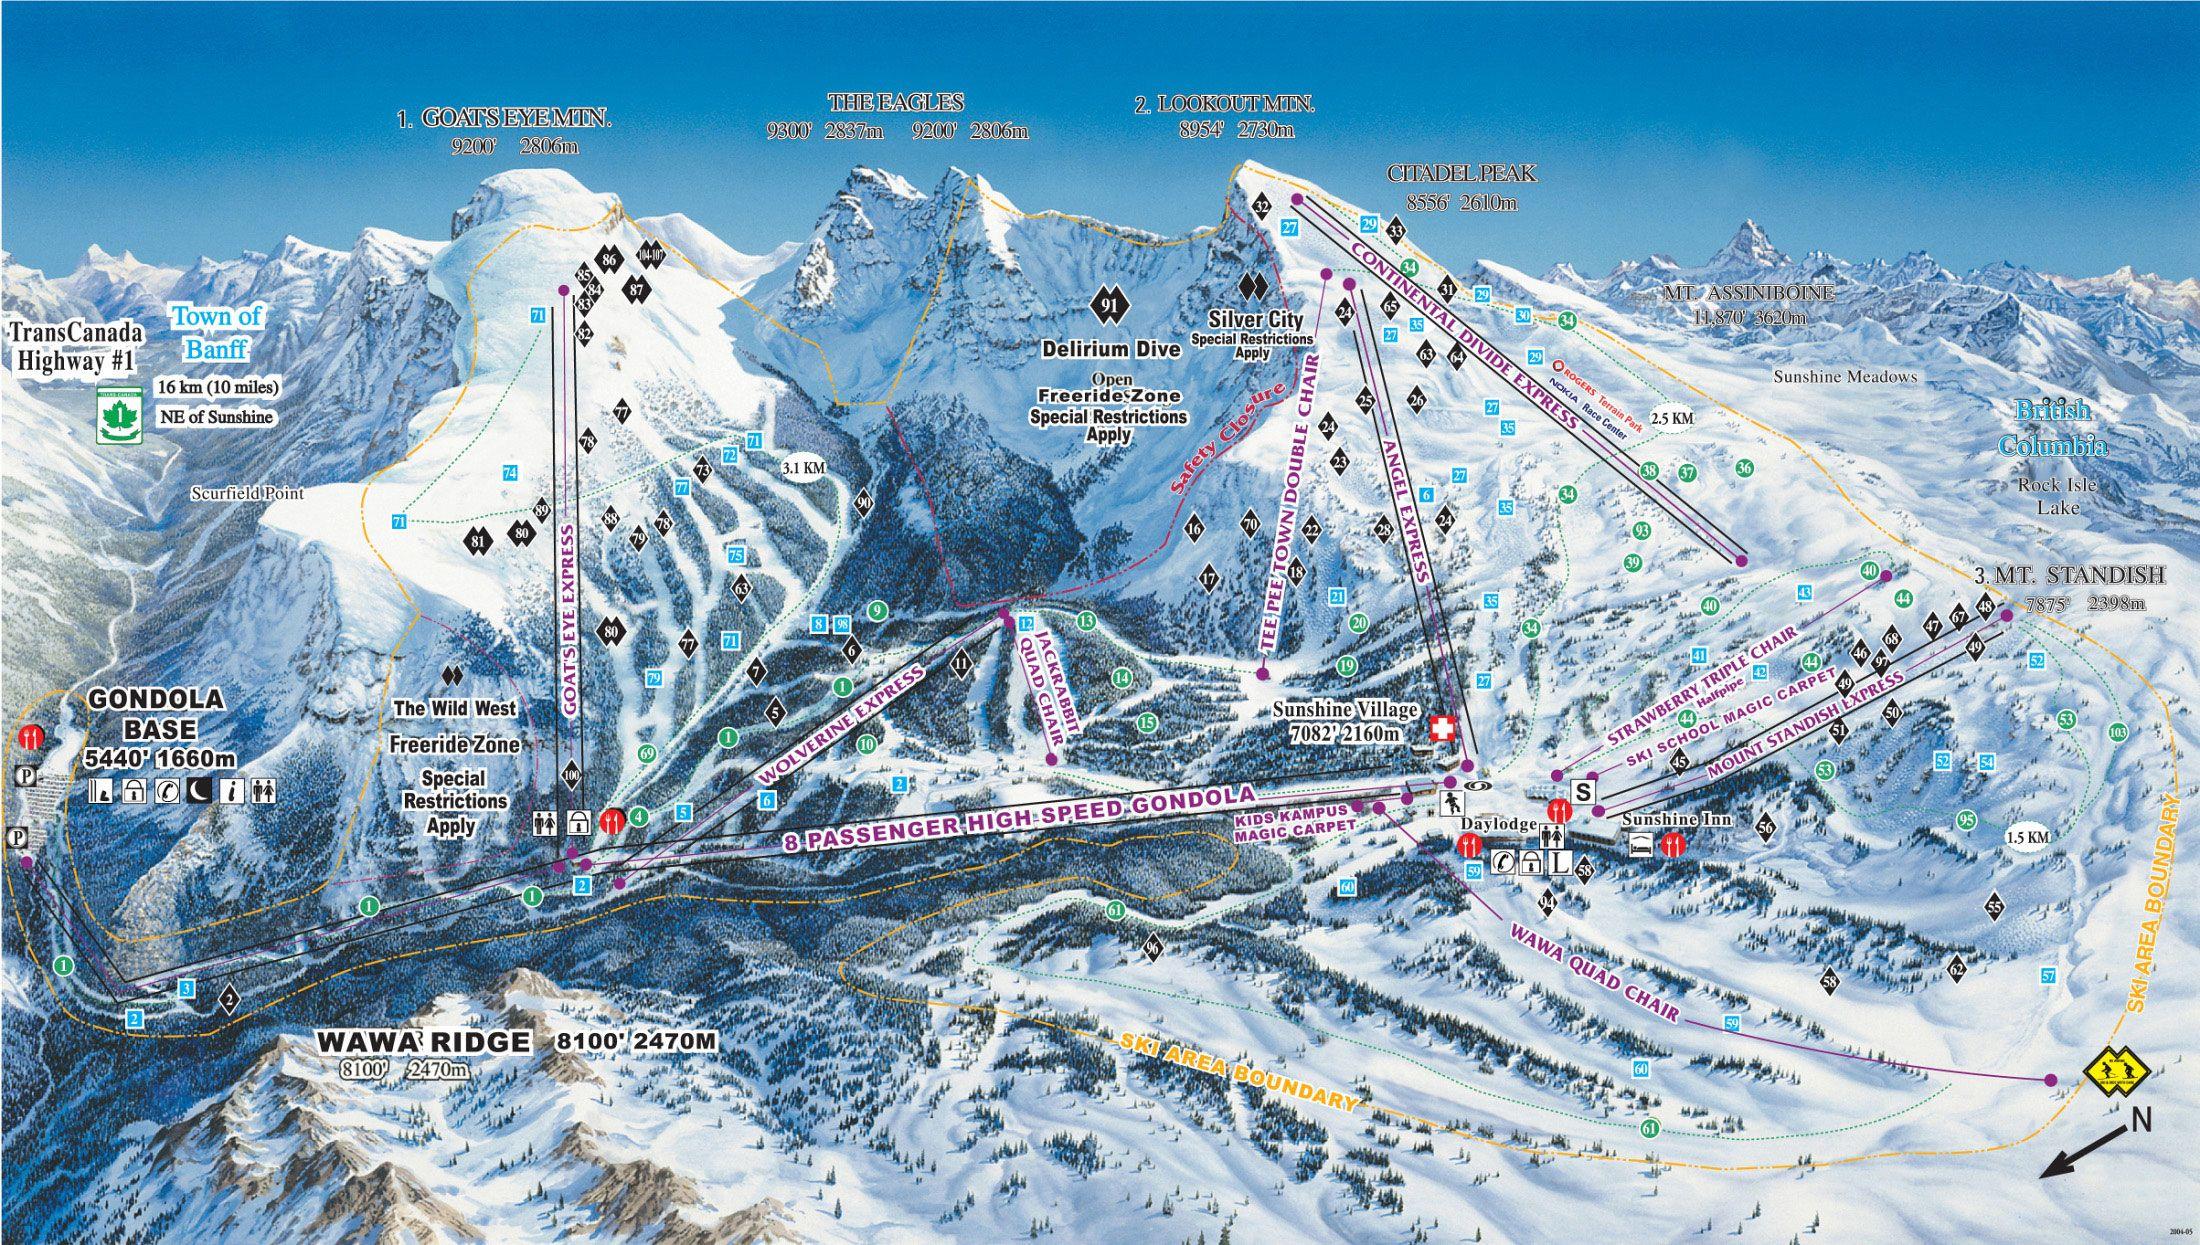 Mount Sandish published in 2012 at Sunshine Village  pINS